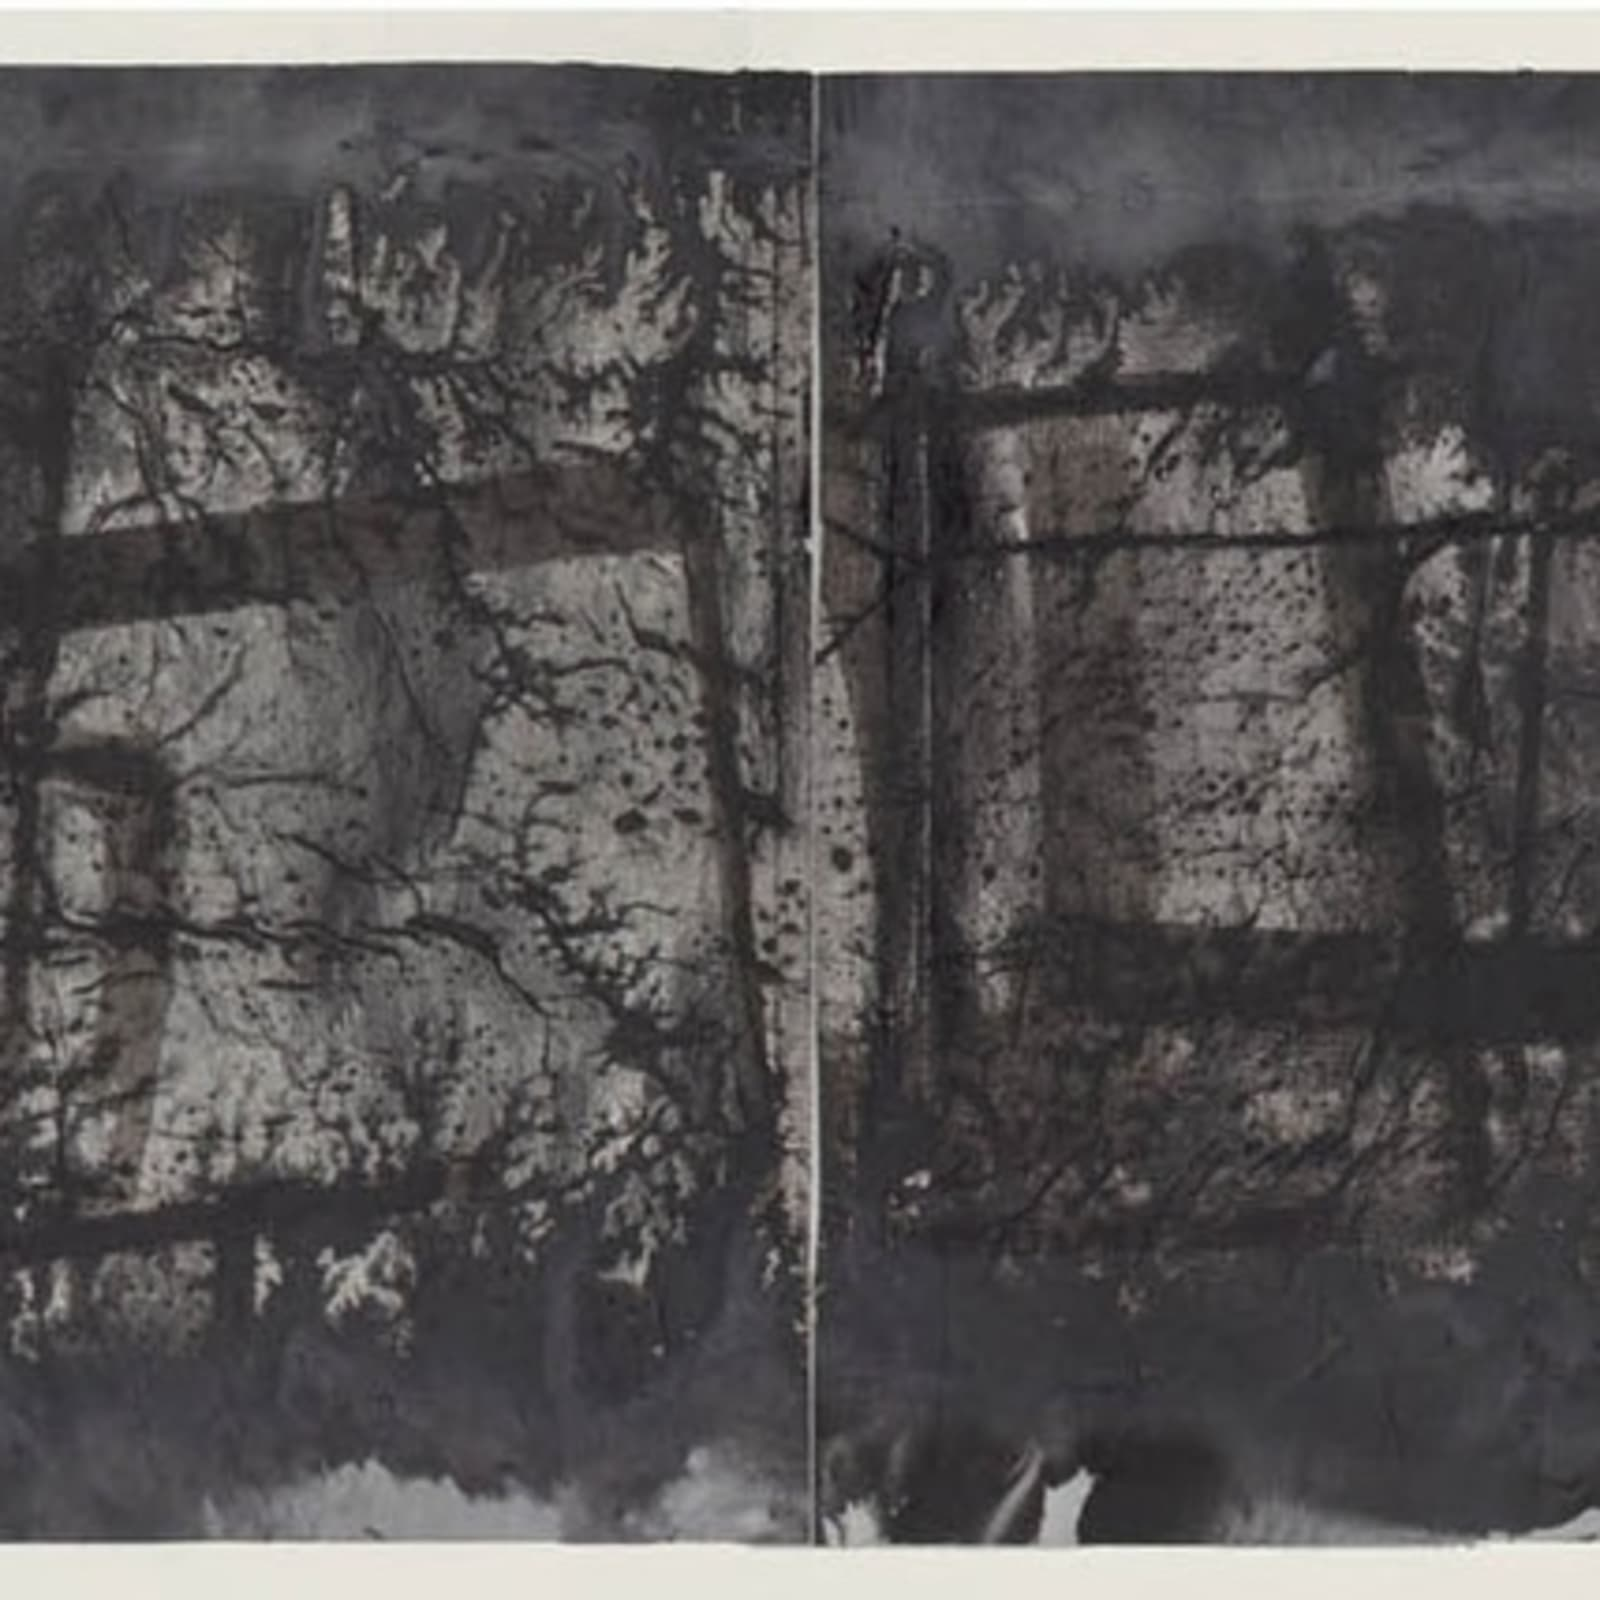 Zheng Chongbin 郑重宾, Resonance 声振波, 2013